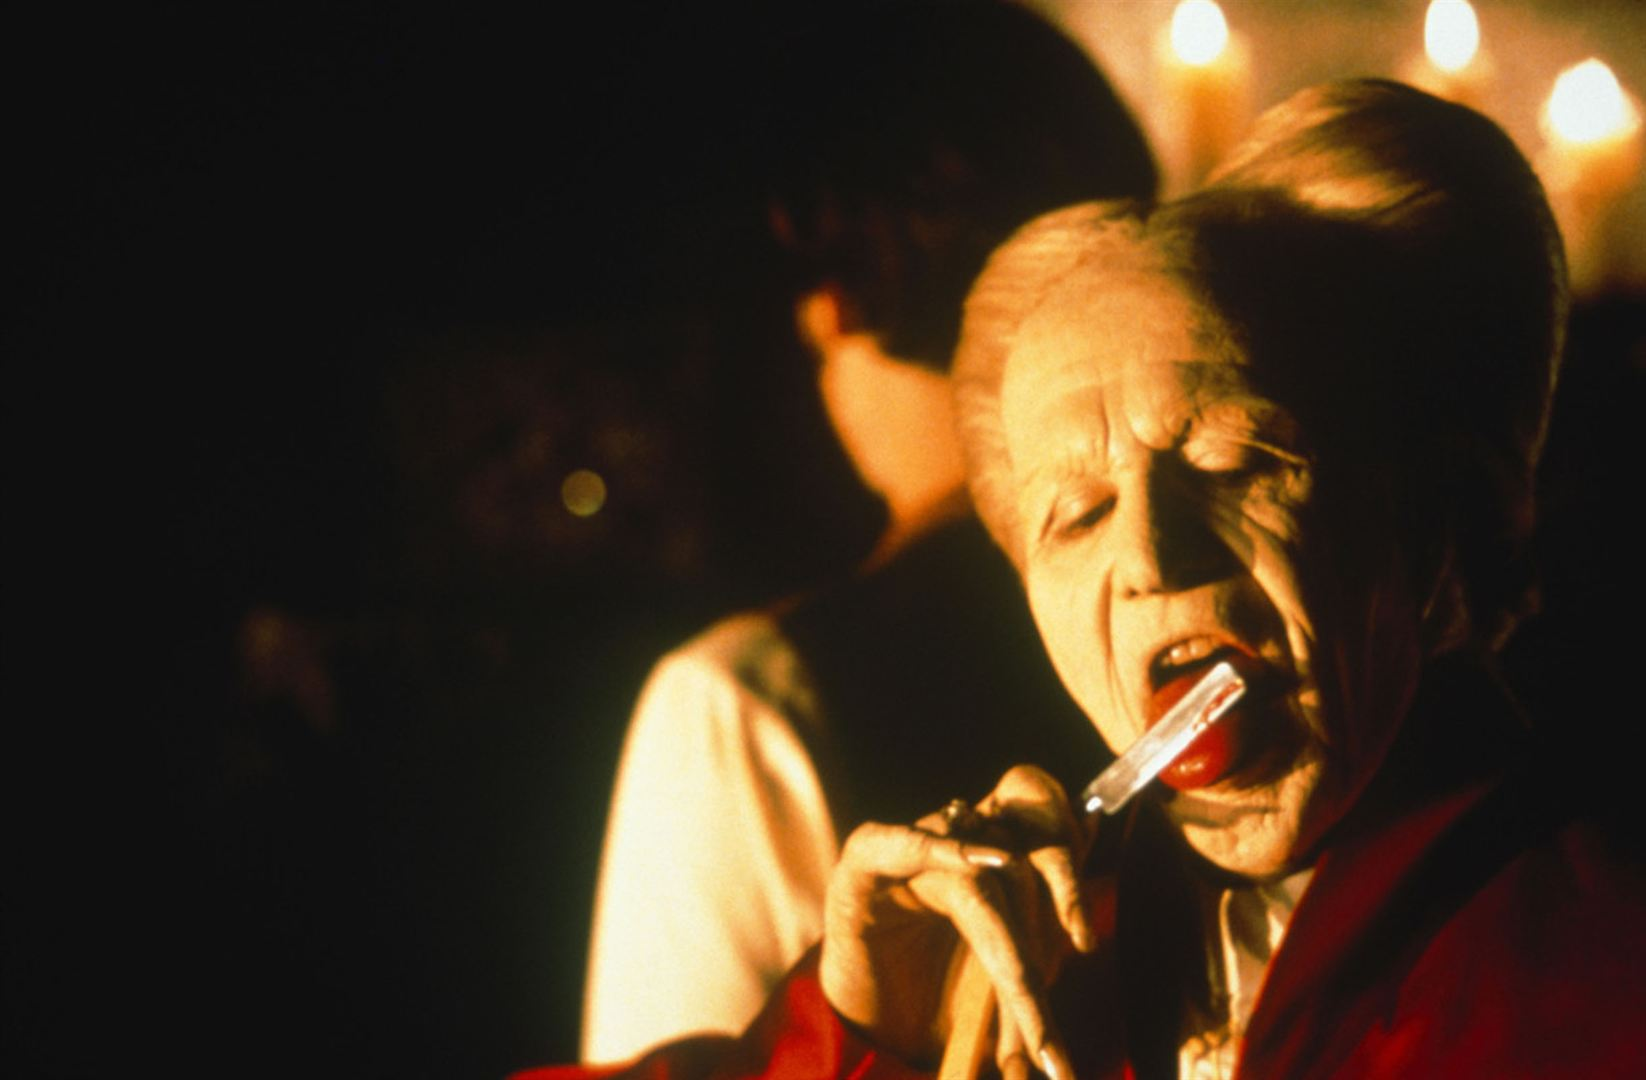 Bram Stoker's Dracula (Gary Oldman)